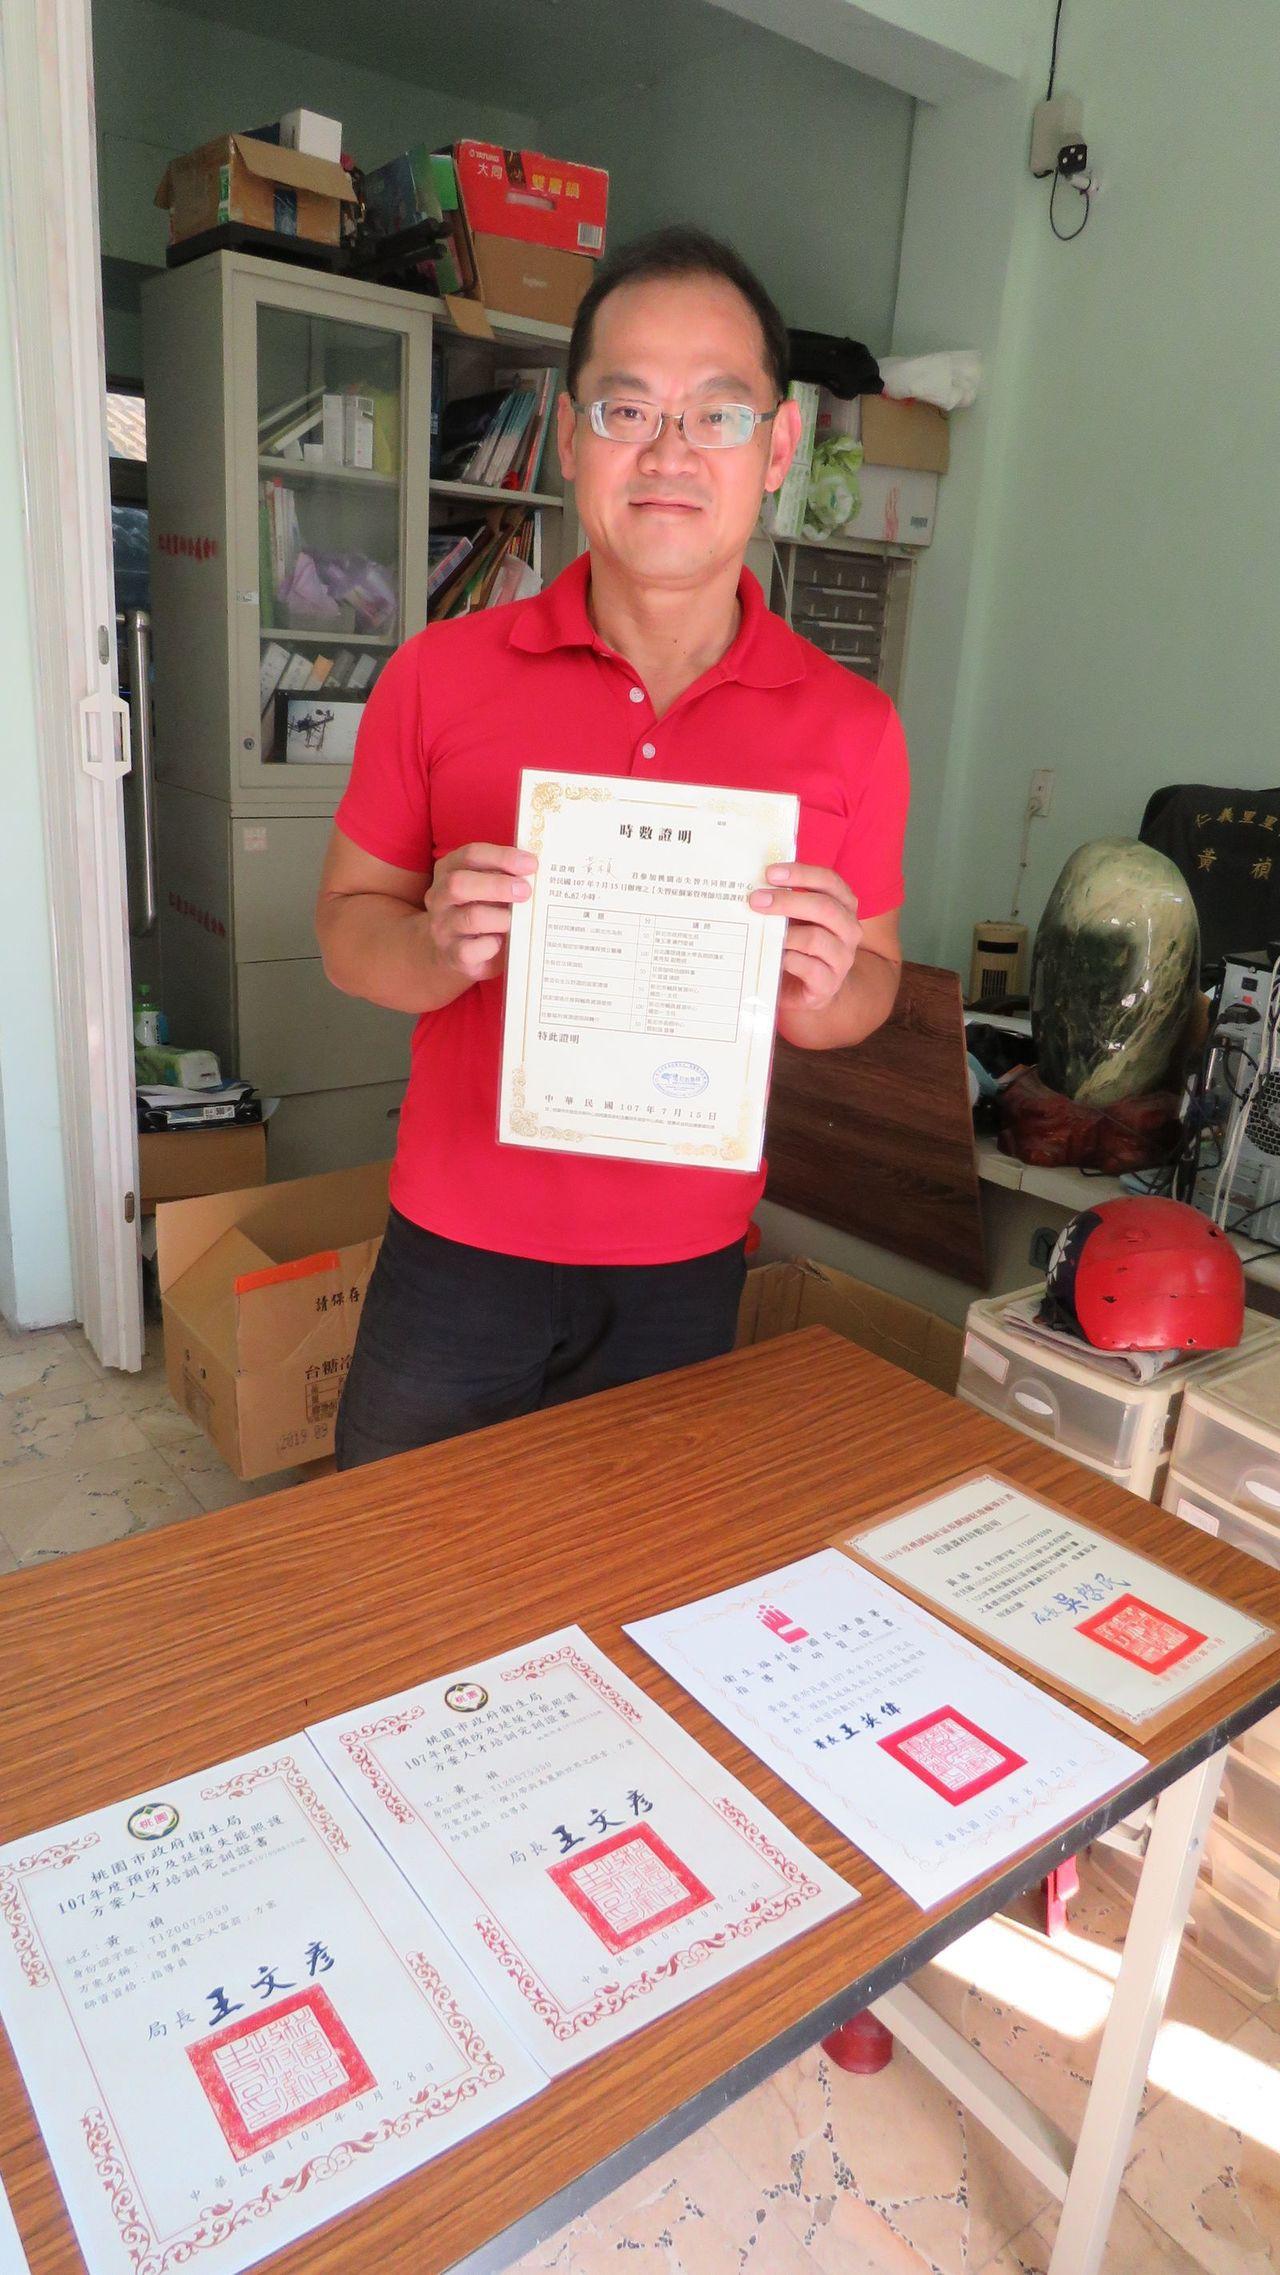 桃園市大溪區仁義里里長黃禎,參加預防及延遲失能人員專業課程訓練,取得相關證照,在...